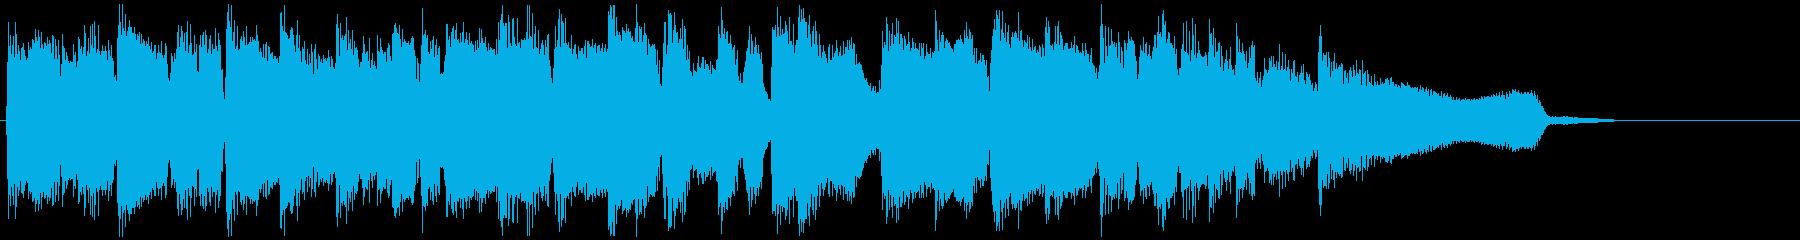 15秒CM向け、ふんわりアコースティックの再生済みの波形